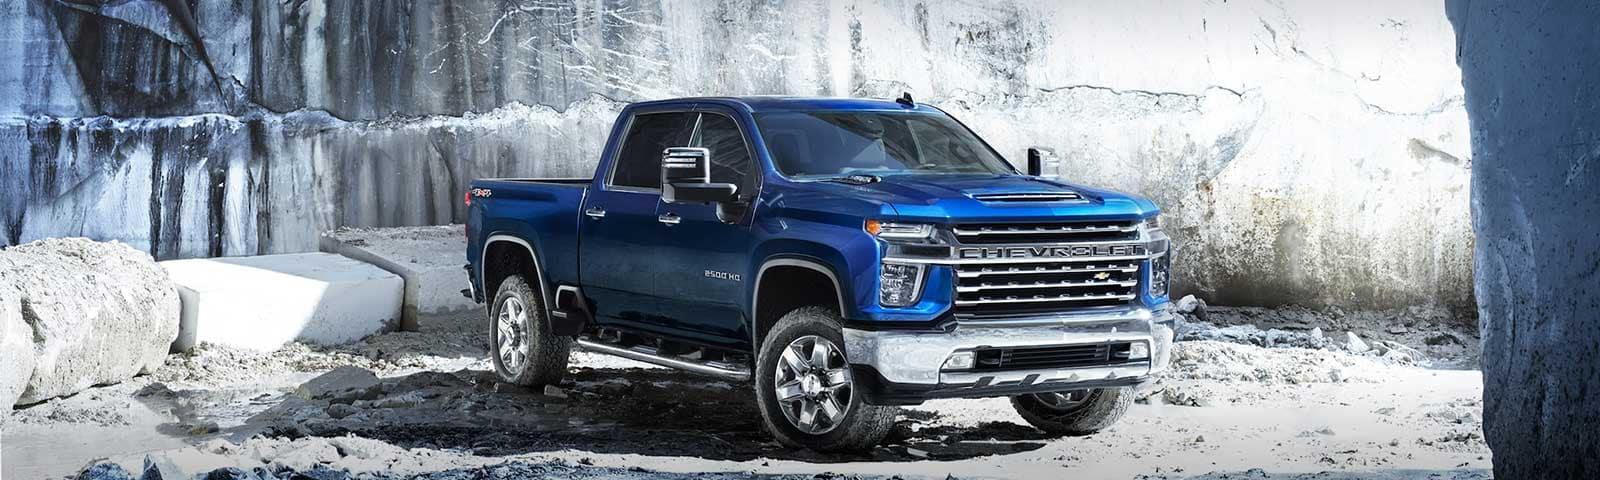 2020 Chevrolet Silverado HD in a winter scene